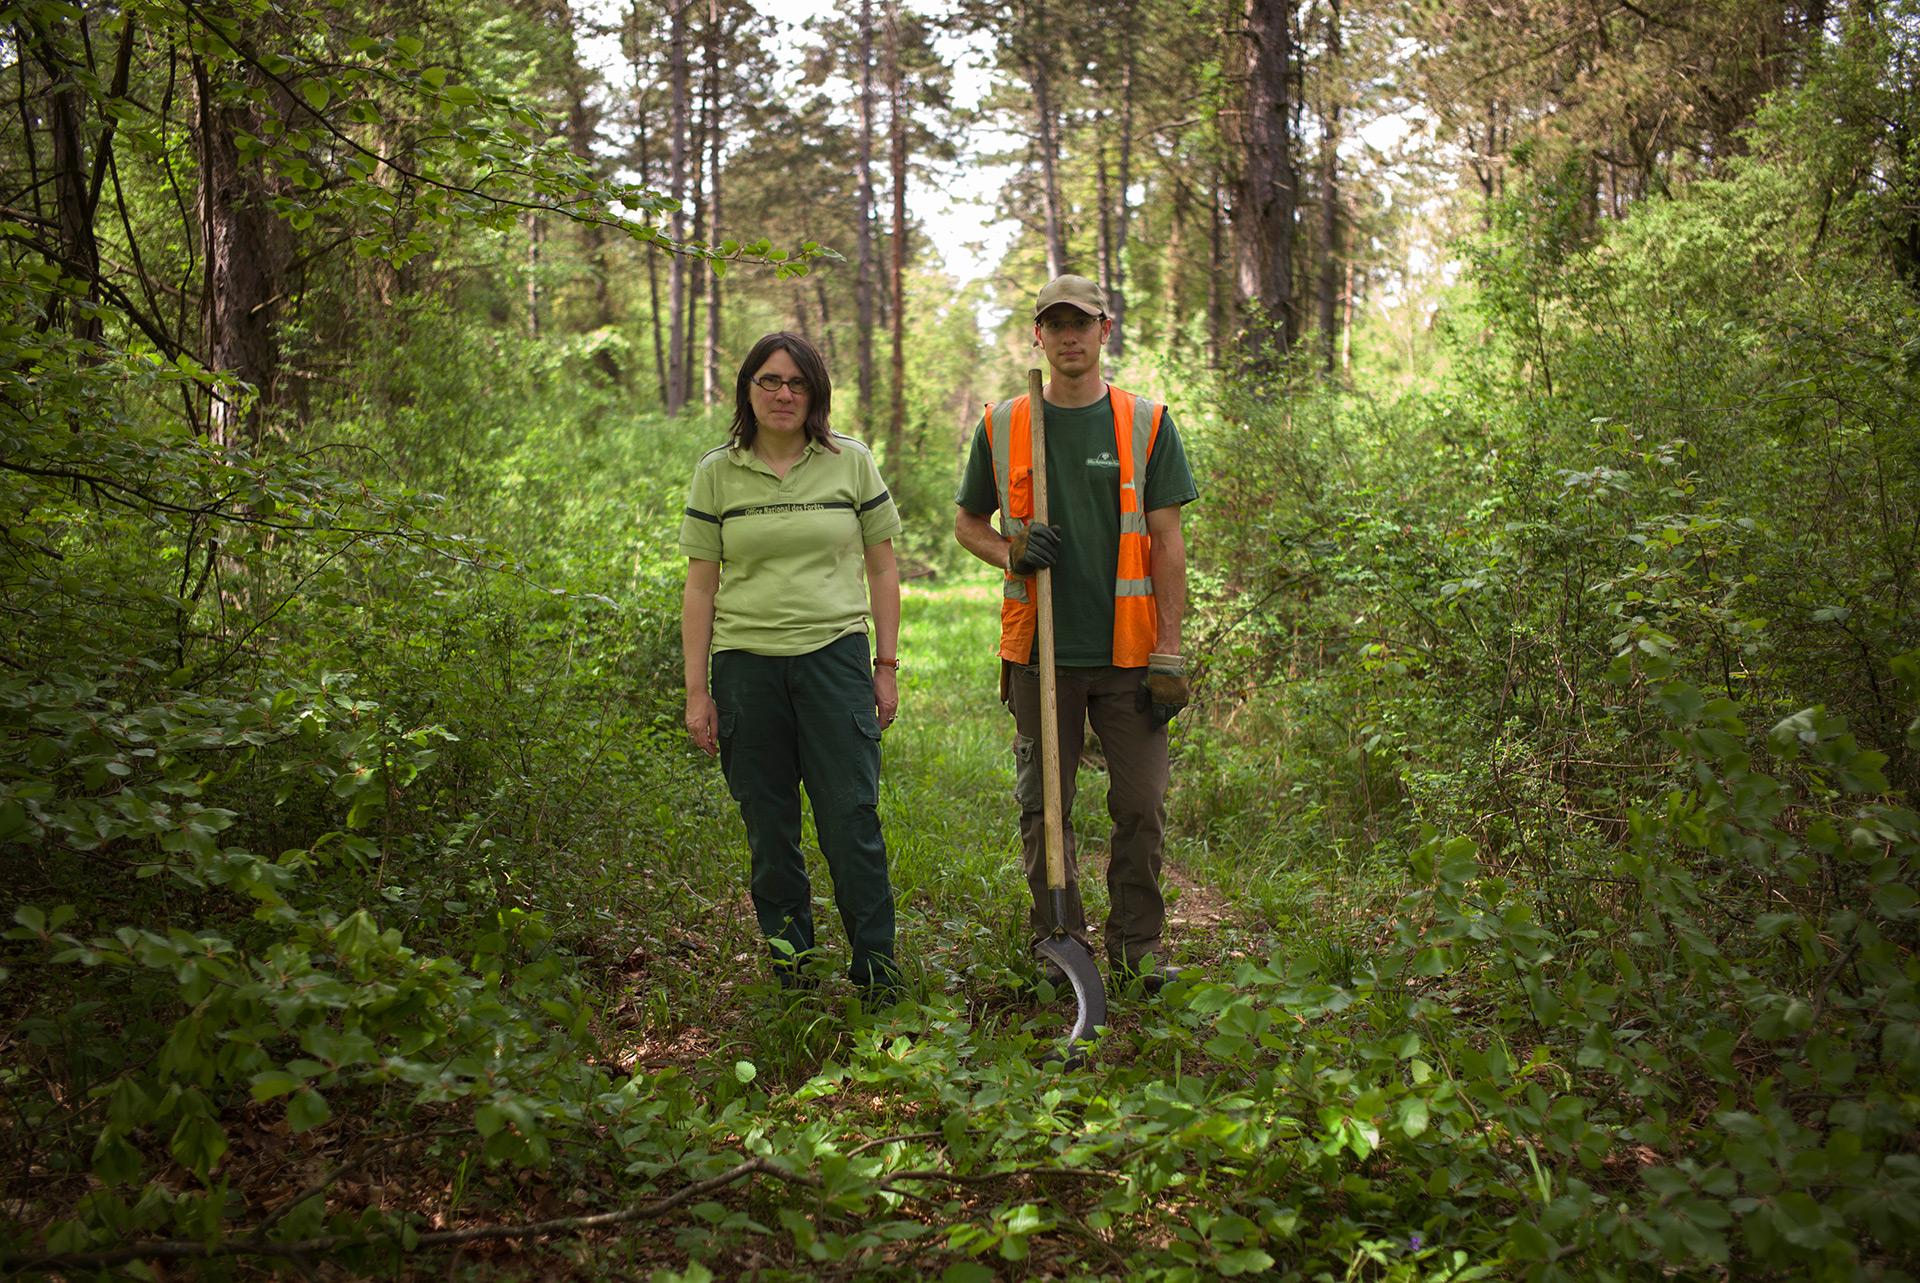 Brigitte Musch, responsable du conservatoire génétique des arbres forestiers, et un ouvrier de l'ONF, sur une parcelle de la forêt Domaniale de Verdun. Meuse, Alsace-Champagne-Ardenne-Lorraine, 09.05.2016